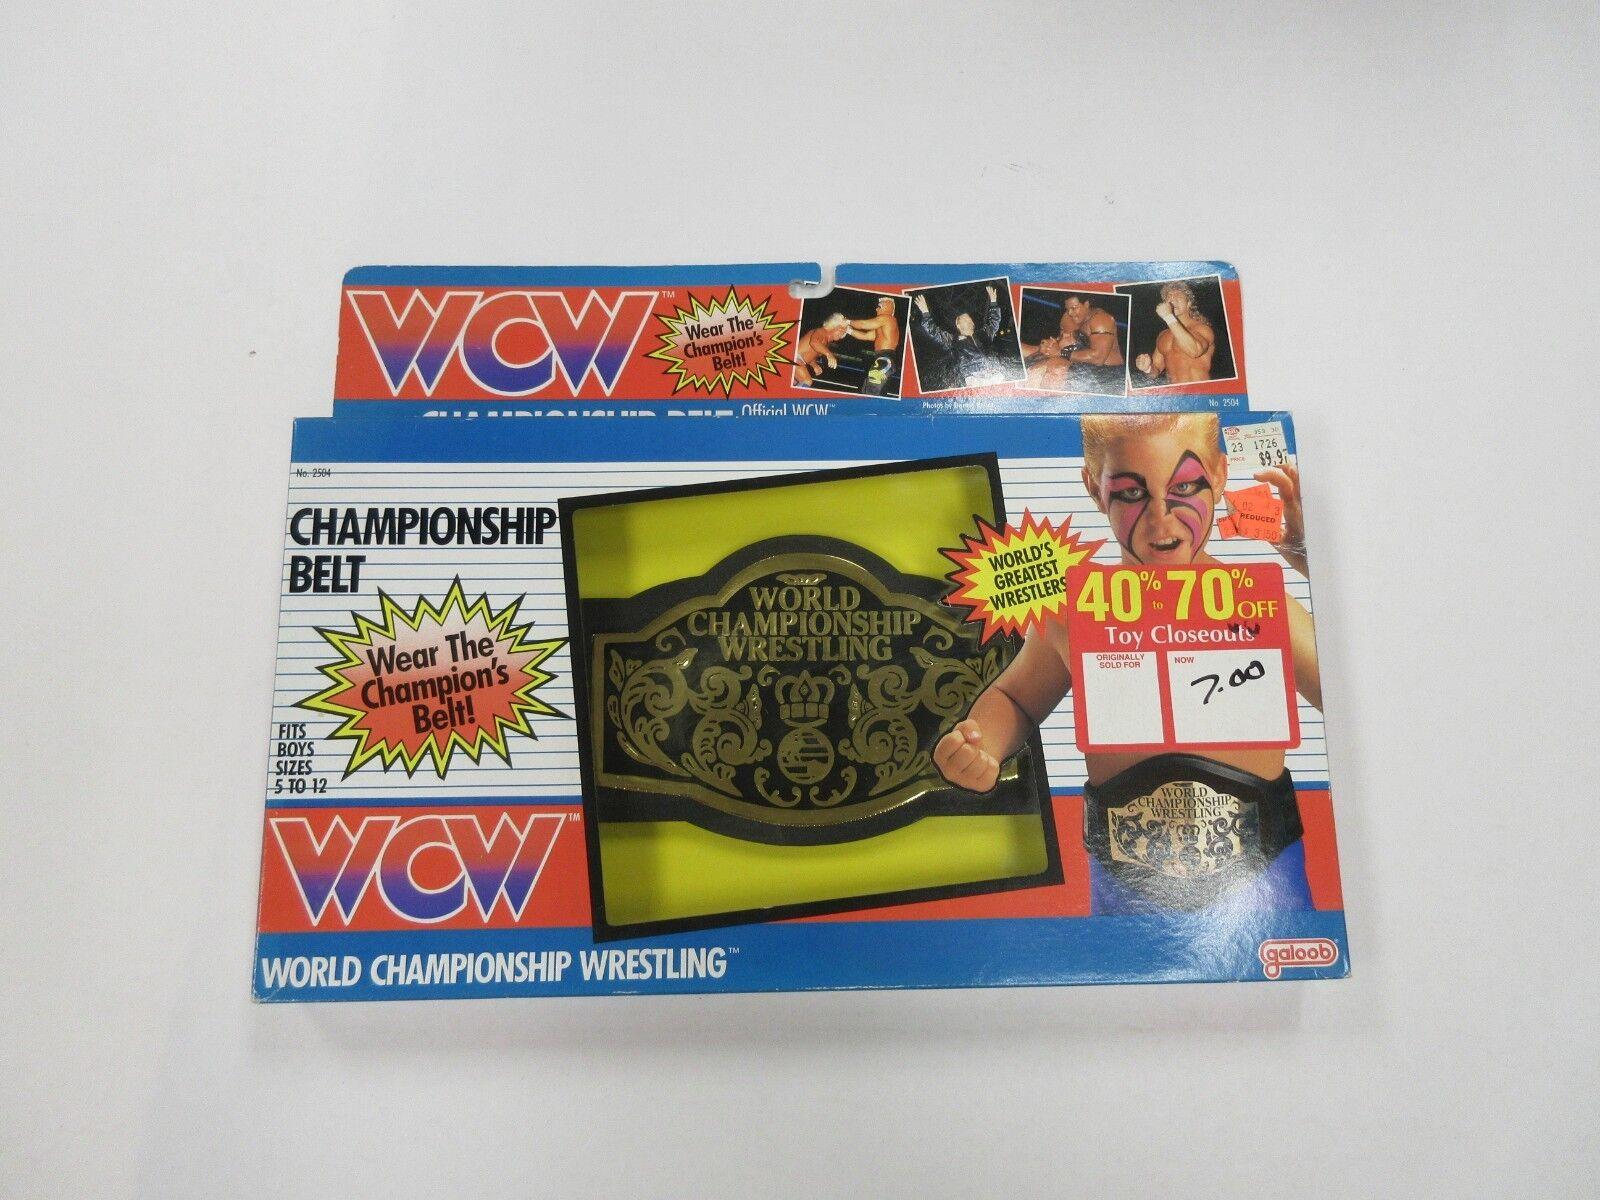 1991  GALOOB WCW ceinture du championnat FACTORY SEALED  80% de réduction